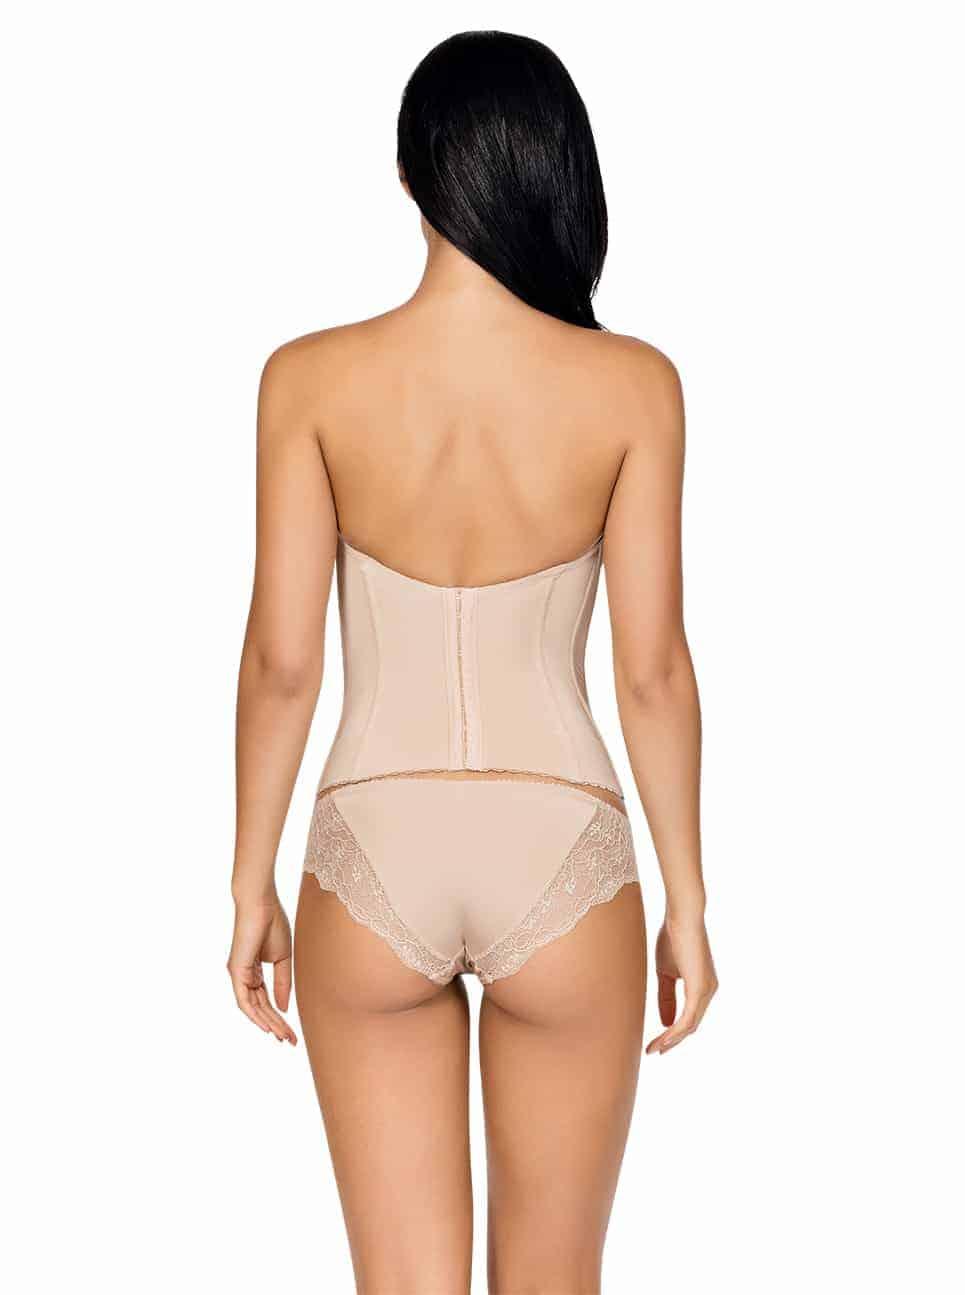 Elissa Low BackBustierP5017 BikiniP5013 EuropeanNude Back - Elissa Low-Back Bustier - Nude - P5017